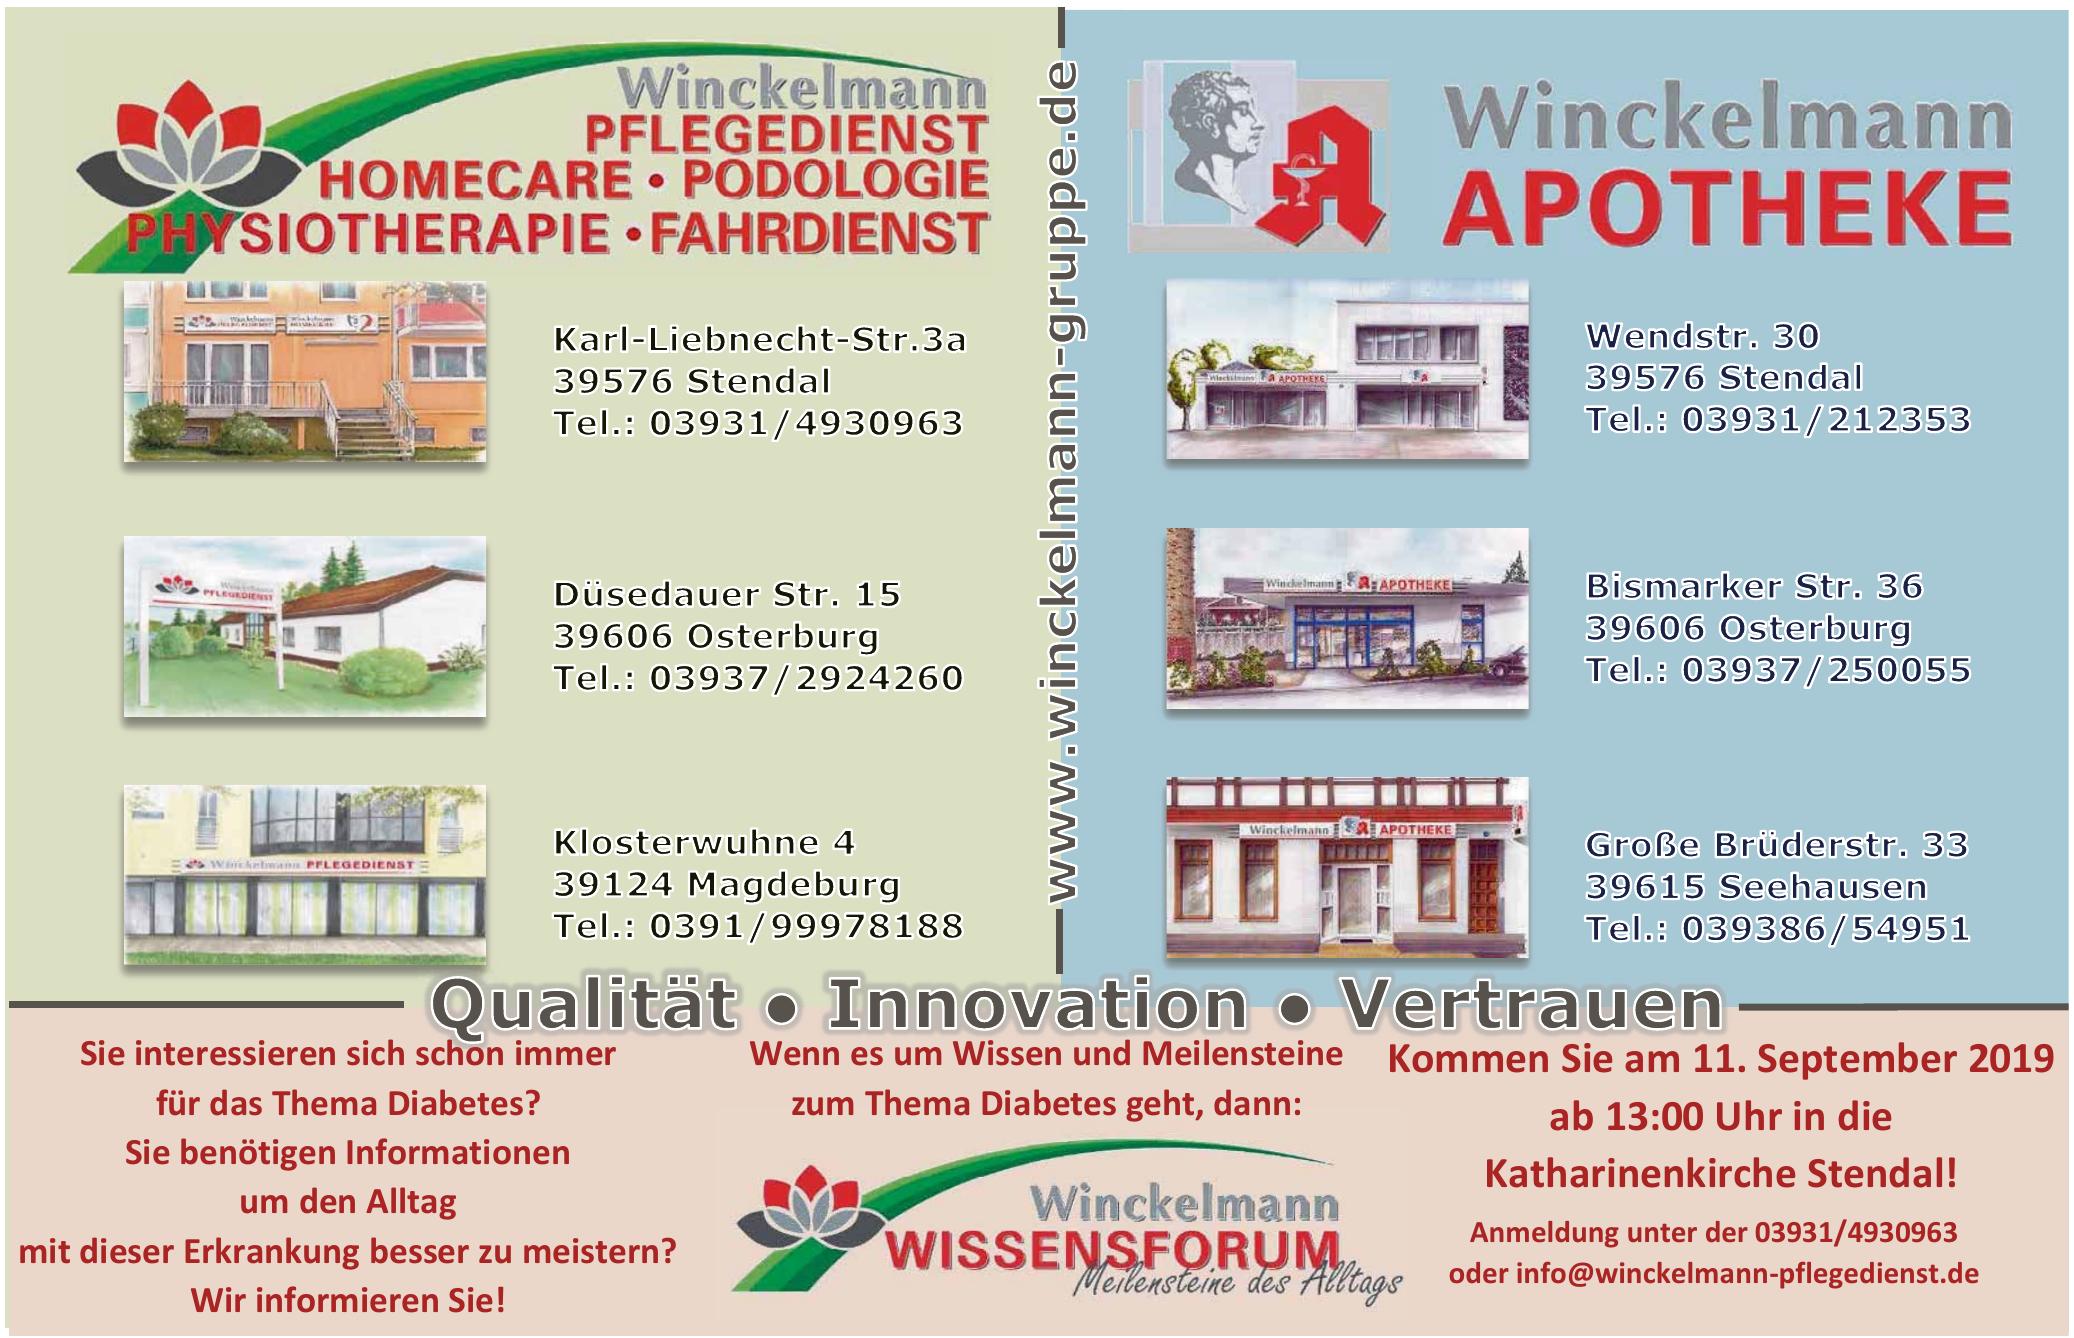 Winckelman Pflegedienst Stendal